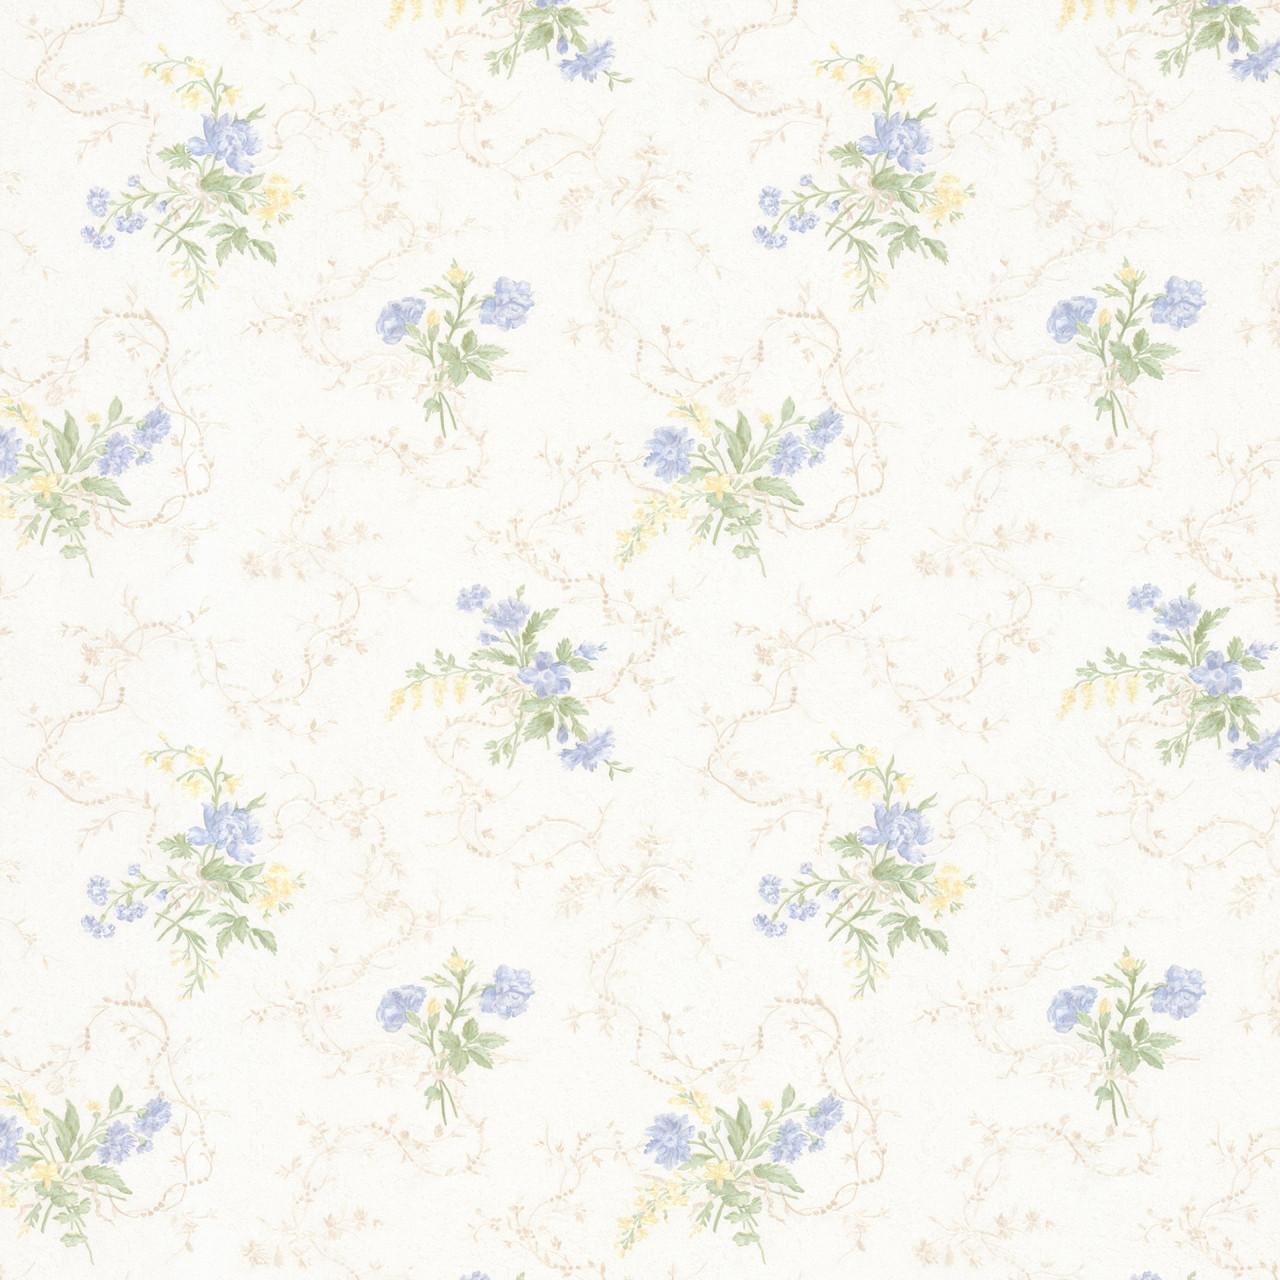 992 68341 Marie Light Blue Delicate Floral Bouquet Wallpaper